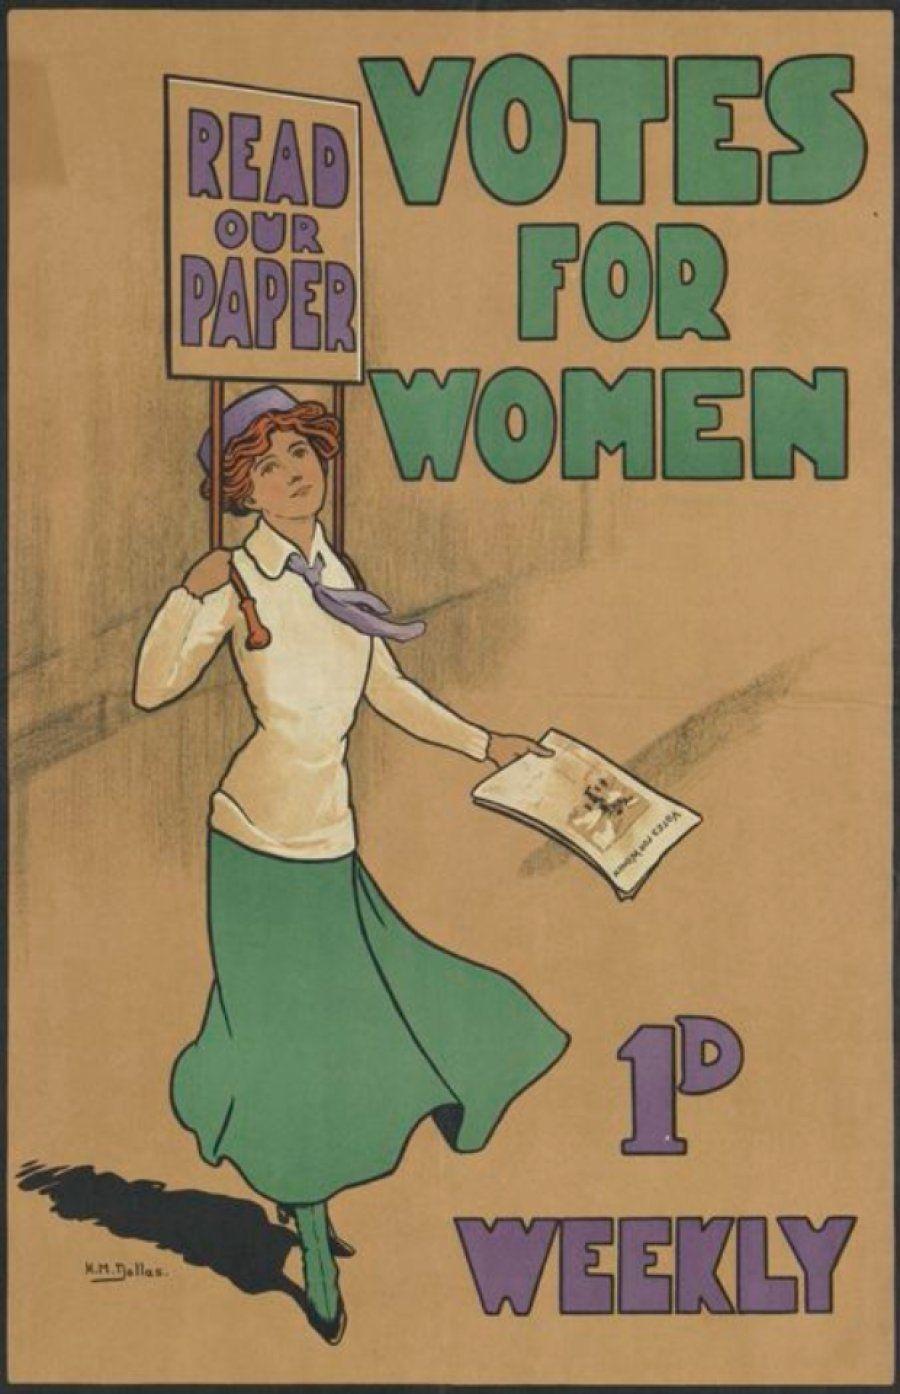 'Nossa arma é a opinião pública': Os cartazes históricos da luta das mulheres pelo direito ao